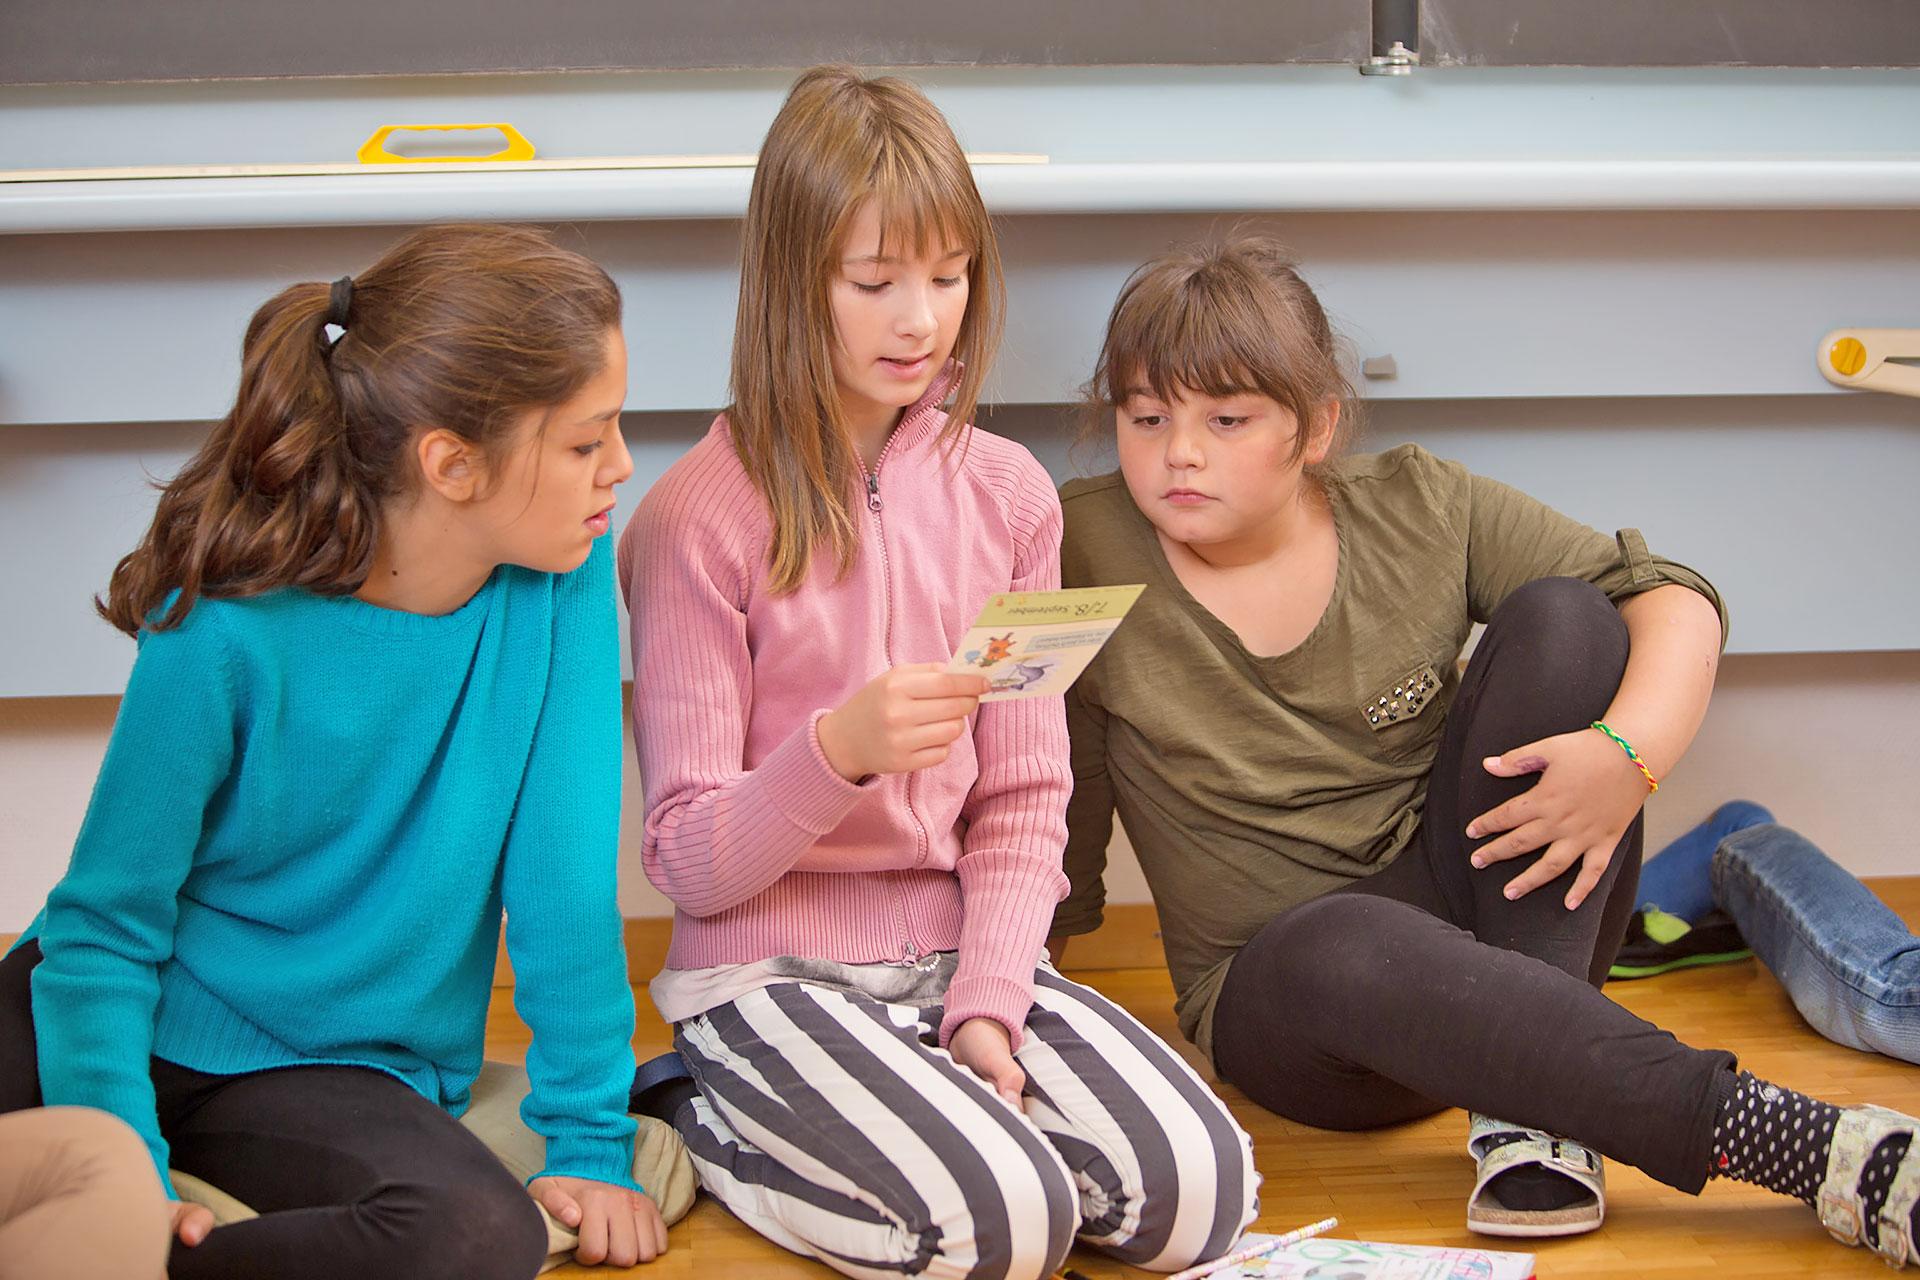 drei Schülerinnen sitzen auf dem Schulzimmerboden und lesen eine Aufgabenkarte